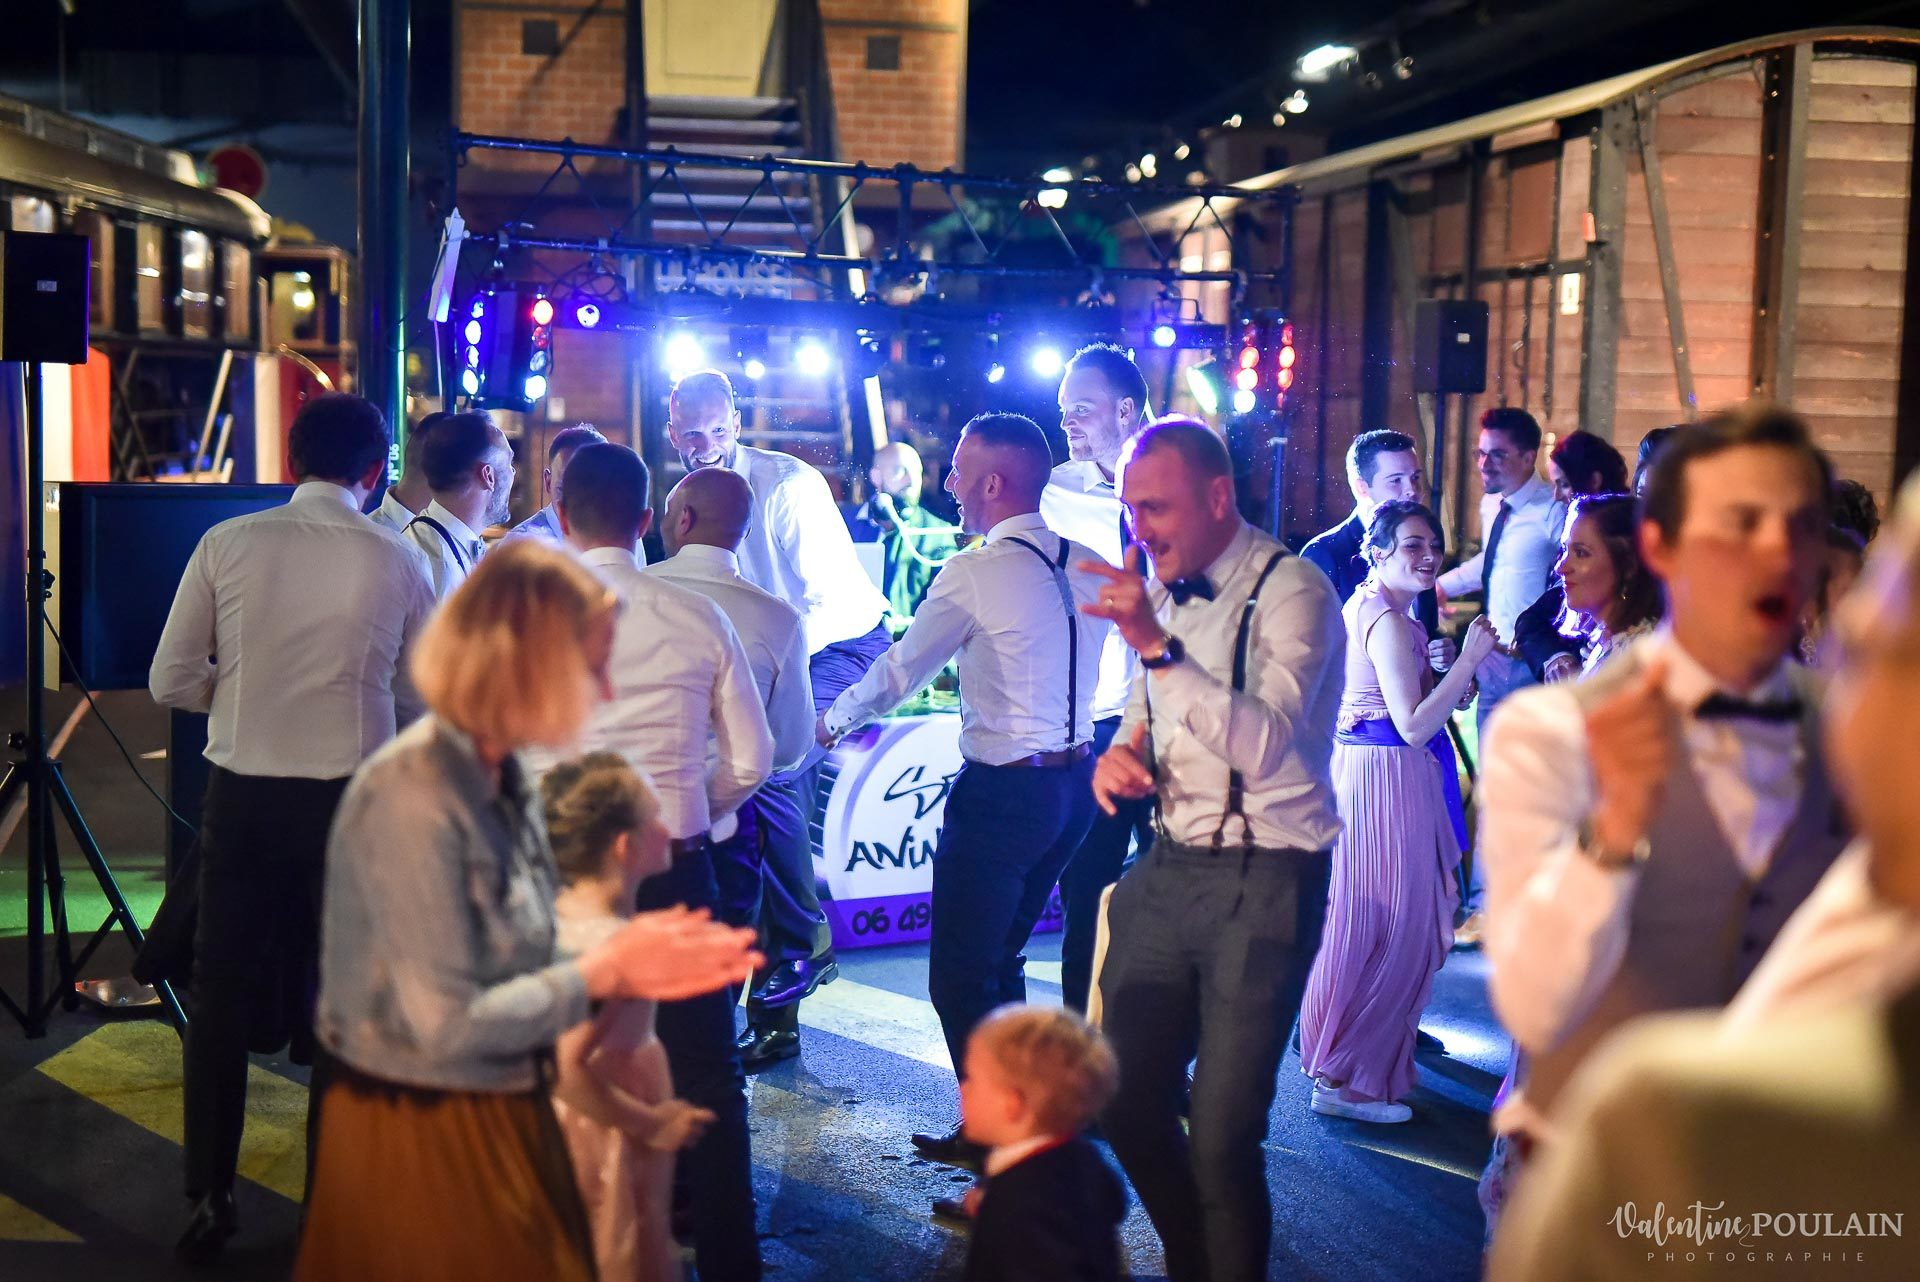 Mariage cité du train soirée - Valentine Poulain